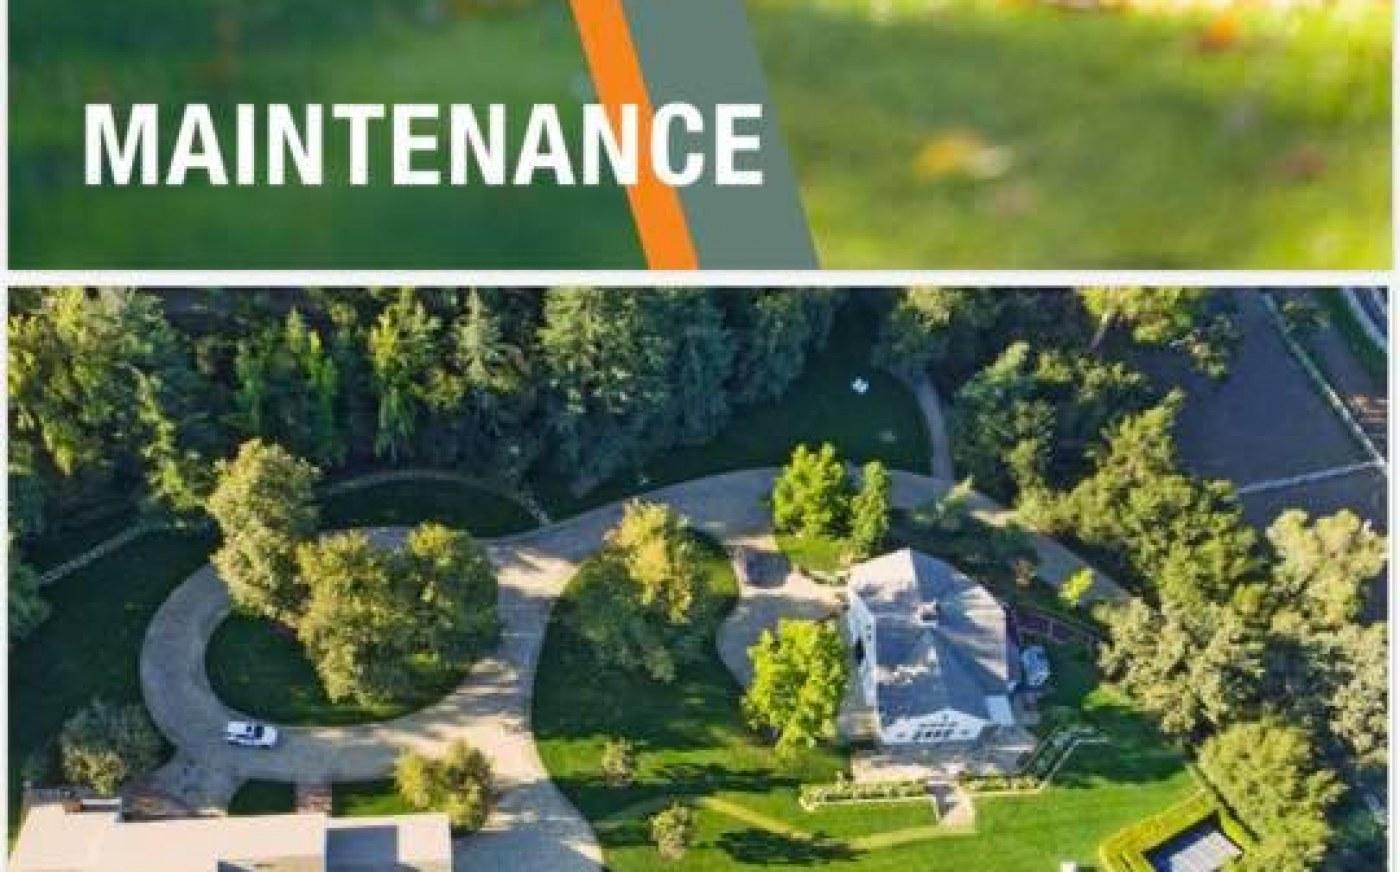 Landscape Development Maintenance Division